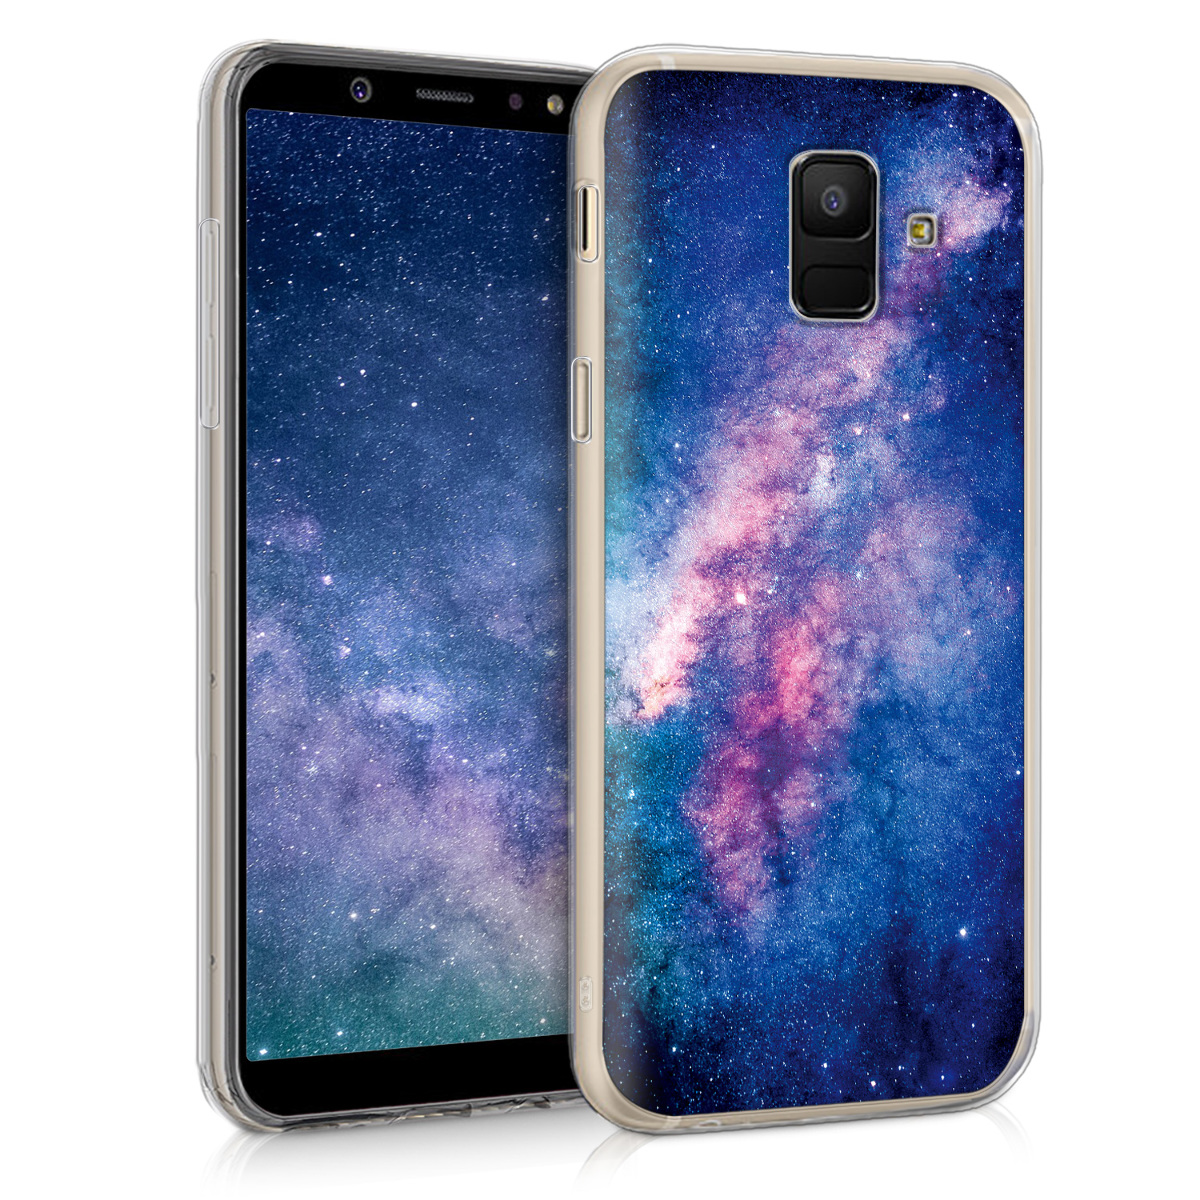 Kvalitní silikonové TPU pouzdro pro Samsung A6 (2018) - Starry Galaxy světle  růžová / tmavě růžová / tmavě modré